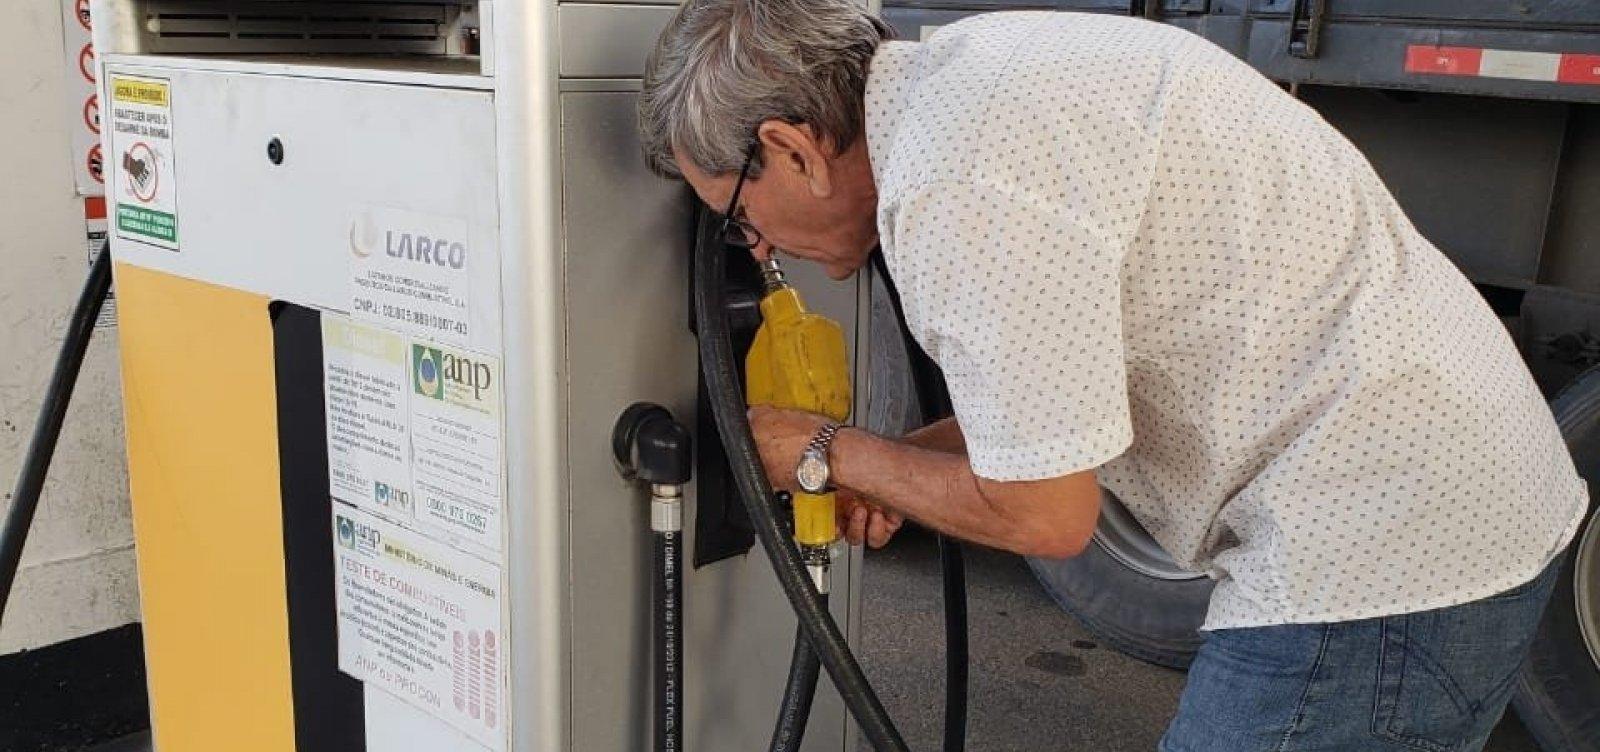 [Laudo do DPT encontra 96% de etanol em gasolina vendida em Vitória da Conquista]